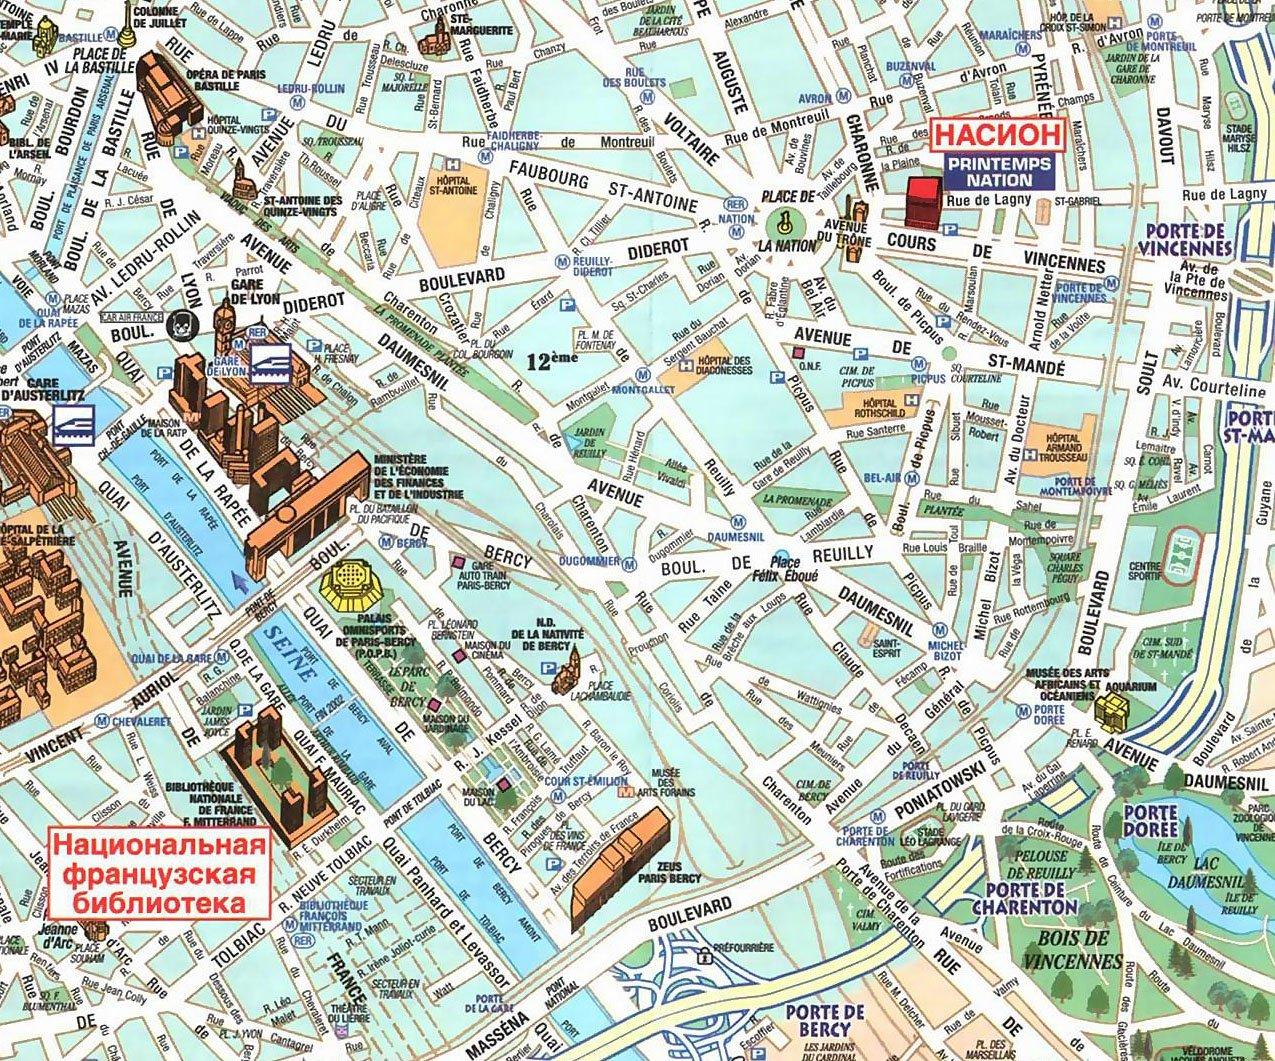 Карта 12 округа парижа карта 13 округа